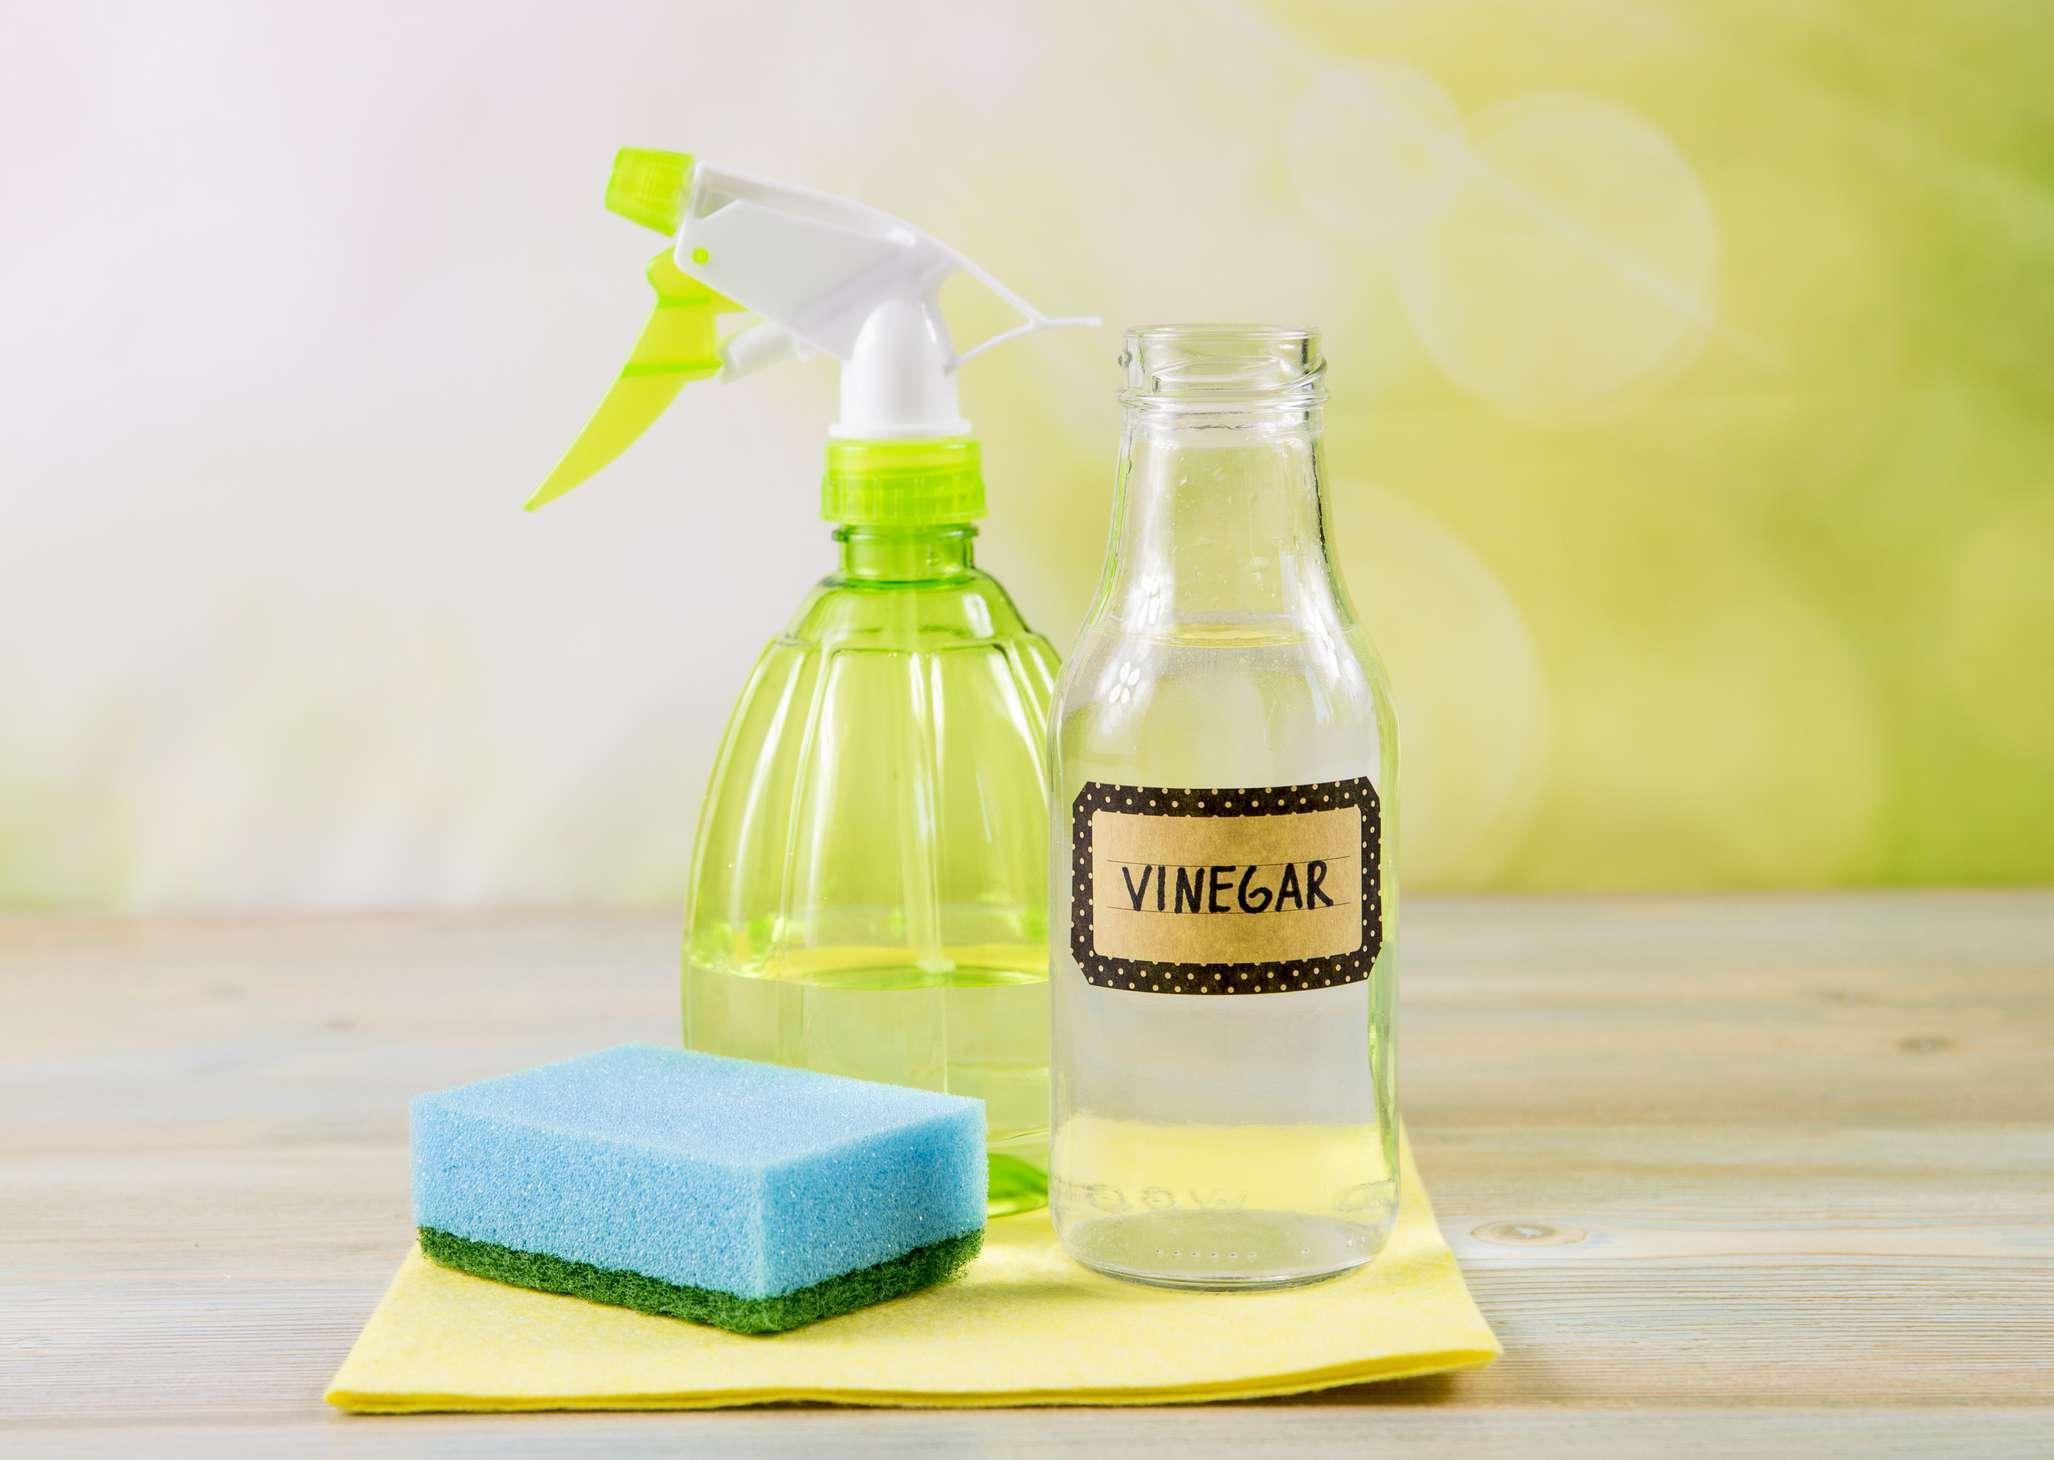 Vinegar cleaner